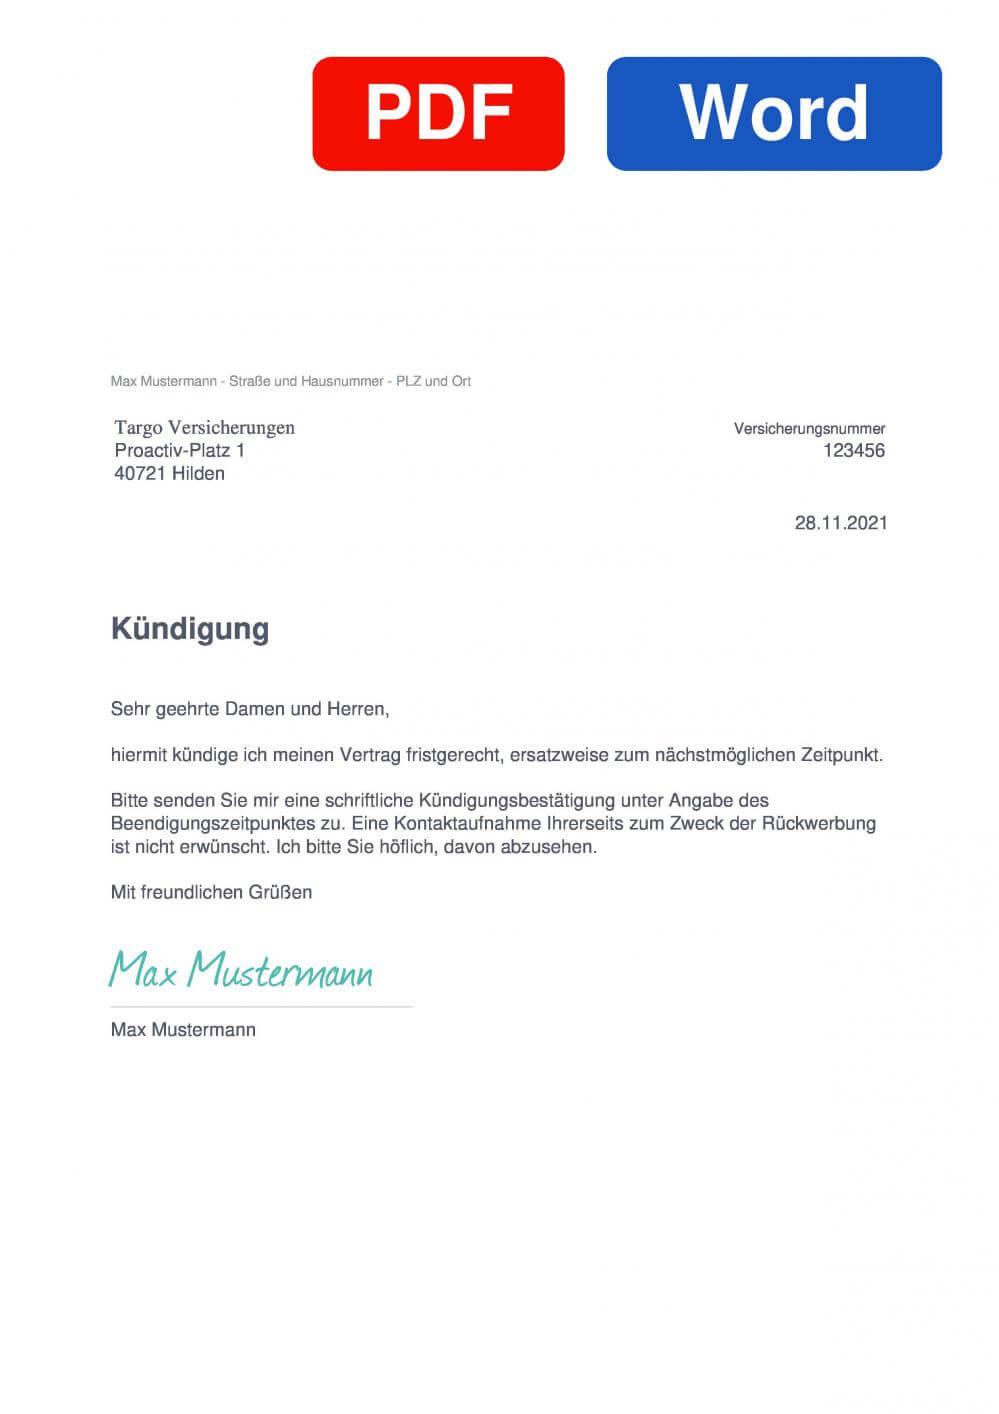 Targo Versicherung Muster Vorlage für Kündigungsschreiben